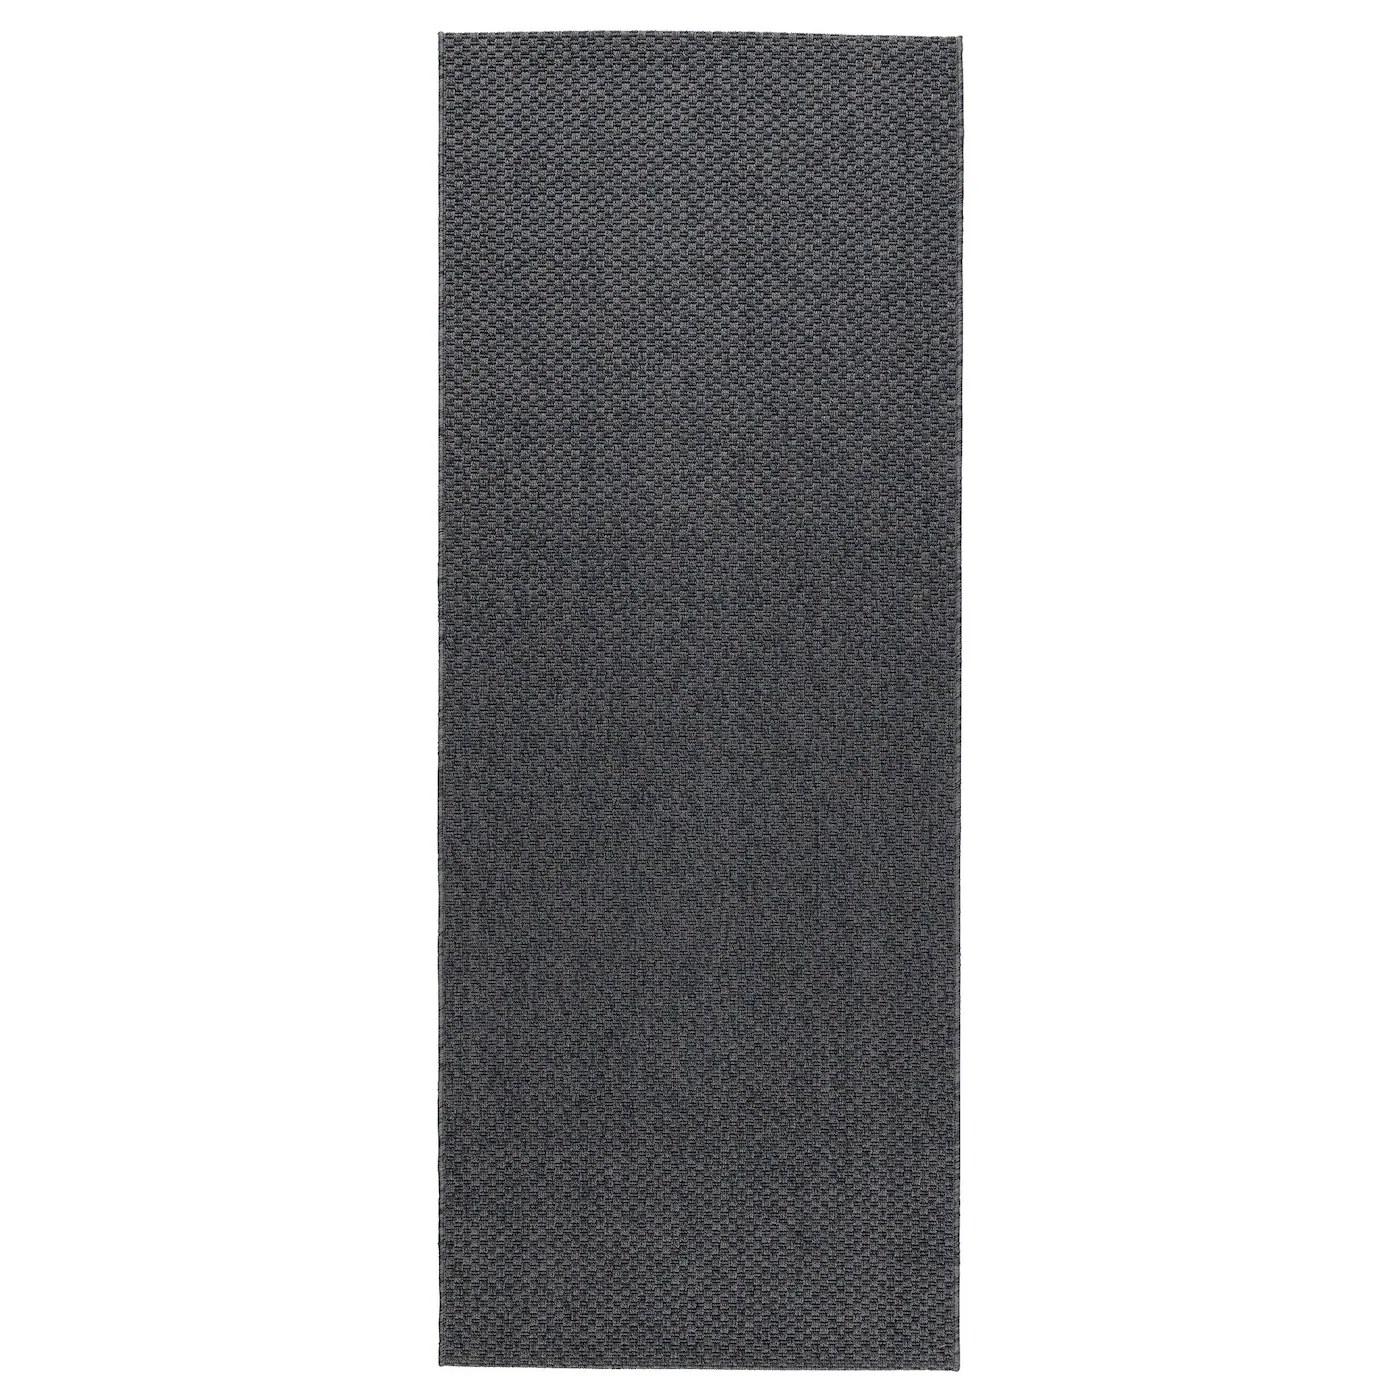 morum tapis tisse a plat int exterieur gris fonce 80x200 cm